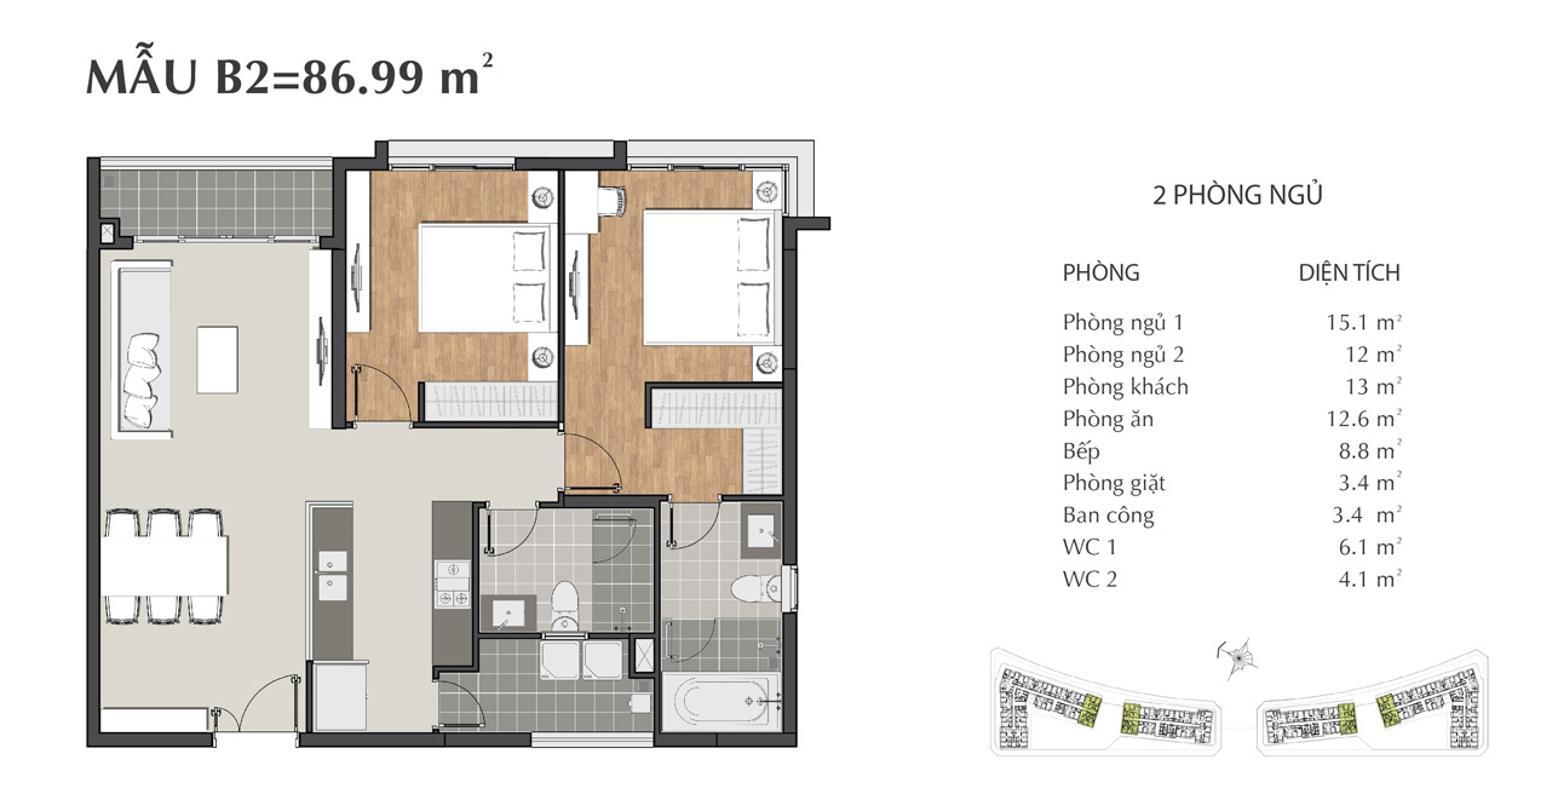 Căn hộ 86,99m2 Sarimi B1 Căn hộ Sarimi Sala Đại Quang Minh tầng trung tháp B1 hướng Đông